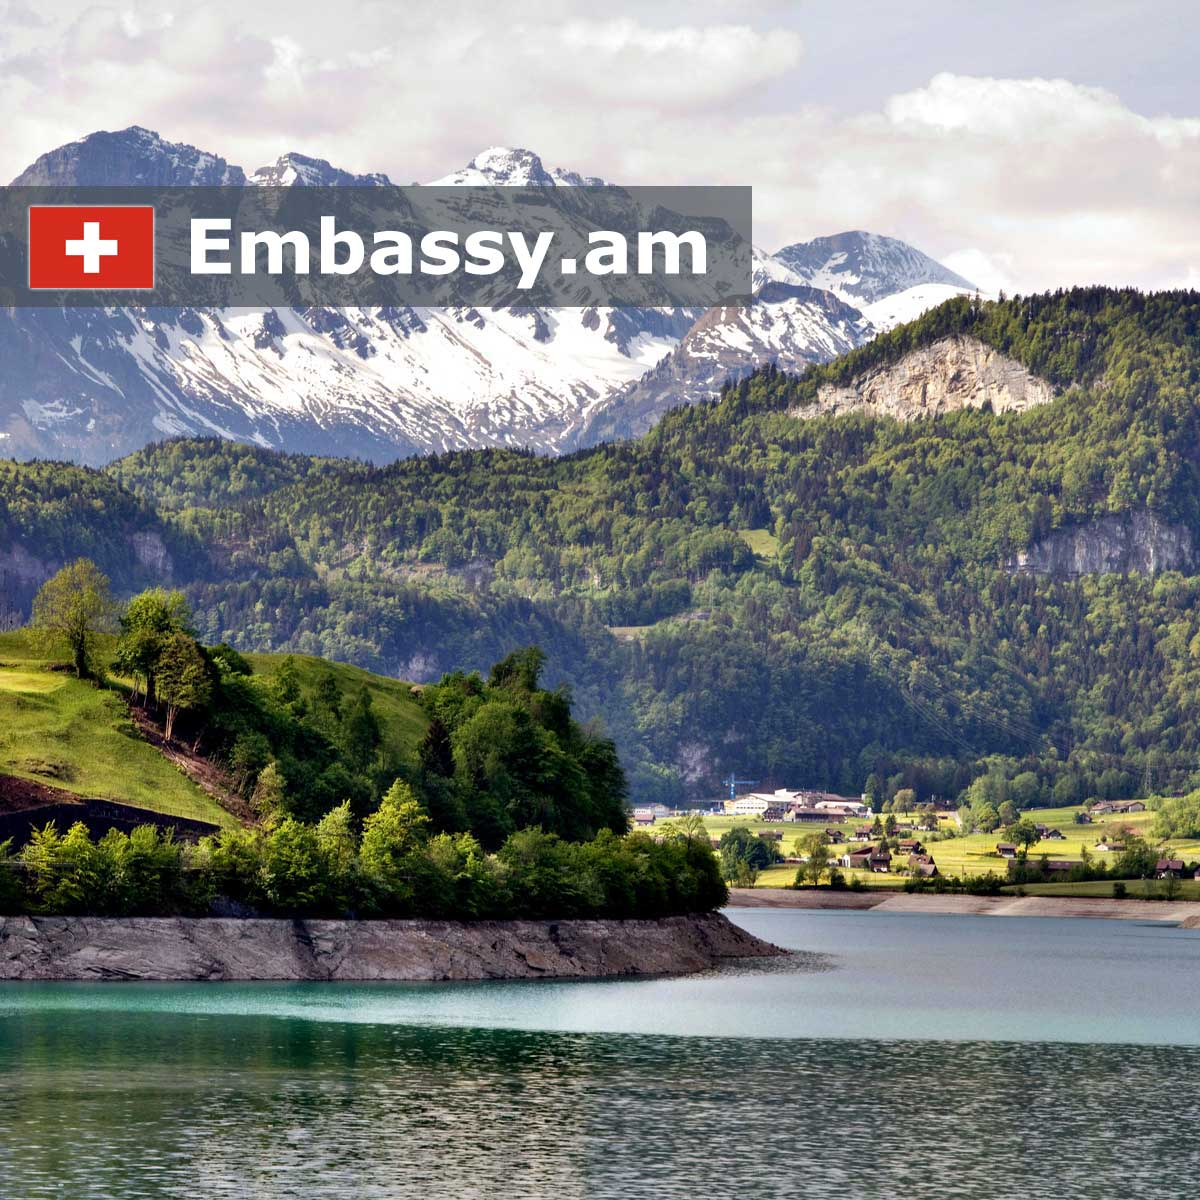 Interlaken - Hotels in Switzerland - Embassy.am